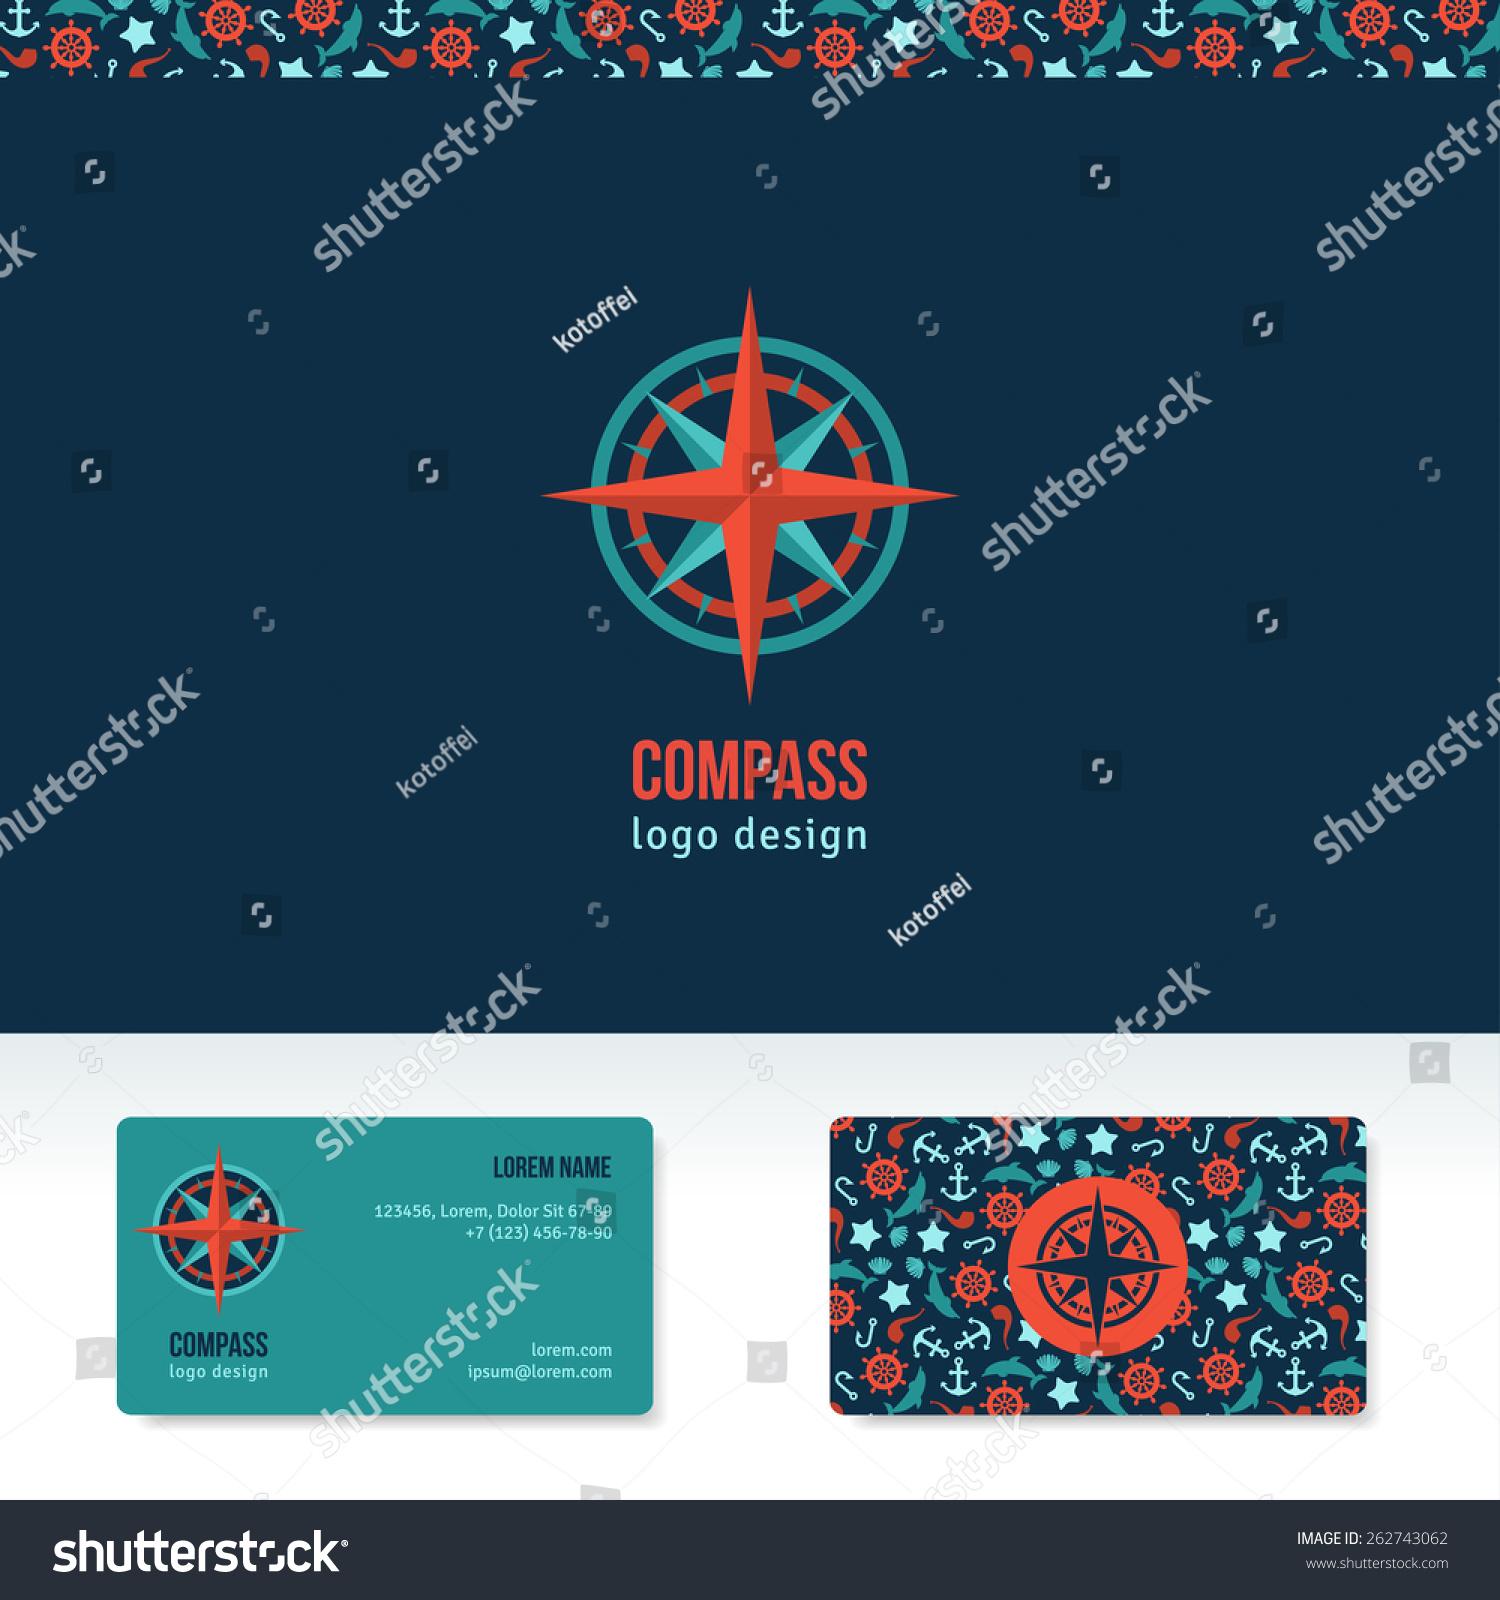 Compass vector logo design template travel stock vector 262743062 compass vector logo design template travel agency abstract logo idea creative icon business magicingreecefo Gallery